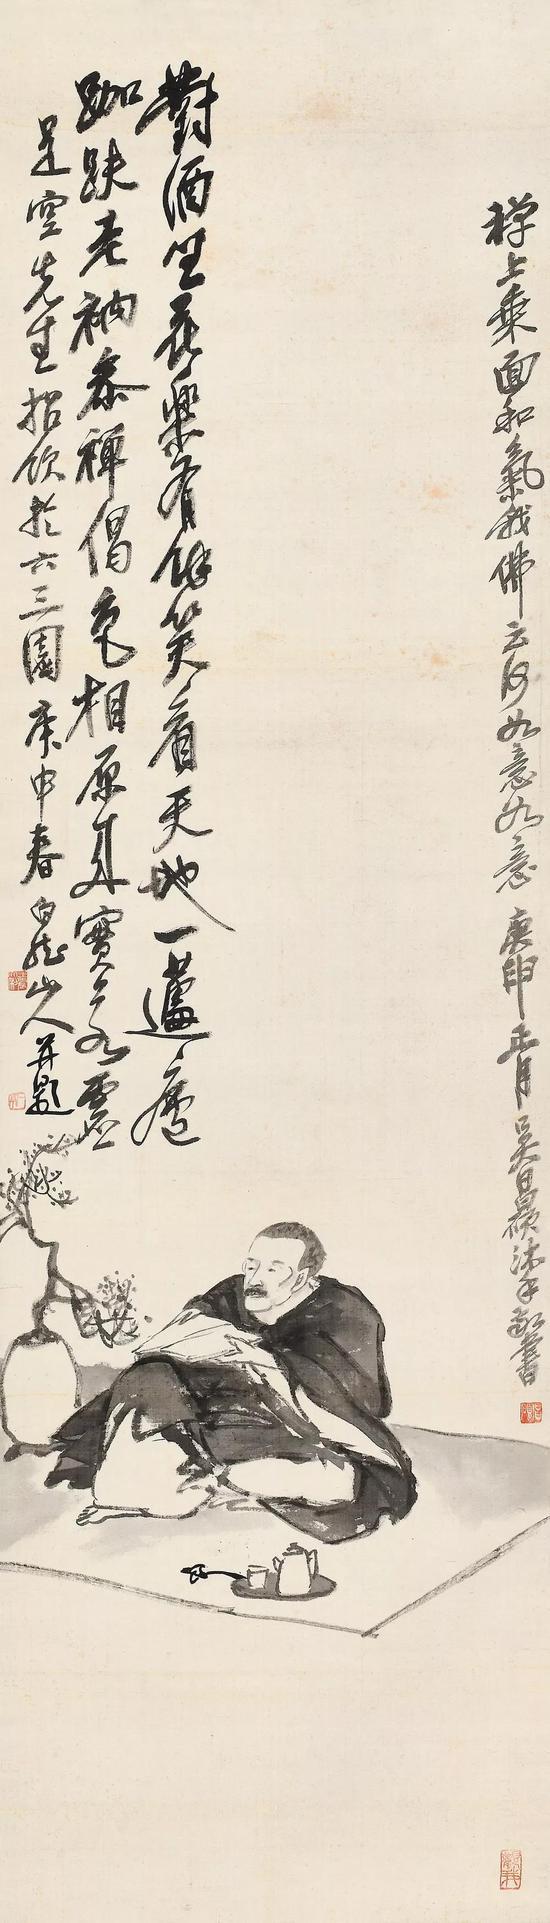 Lot 343 王震(1867-1938) 跏趺老衲参禅偈